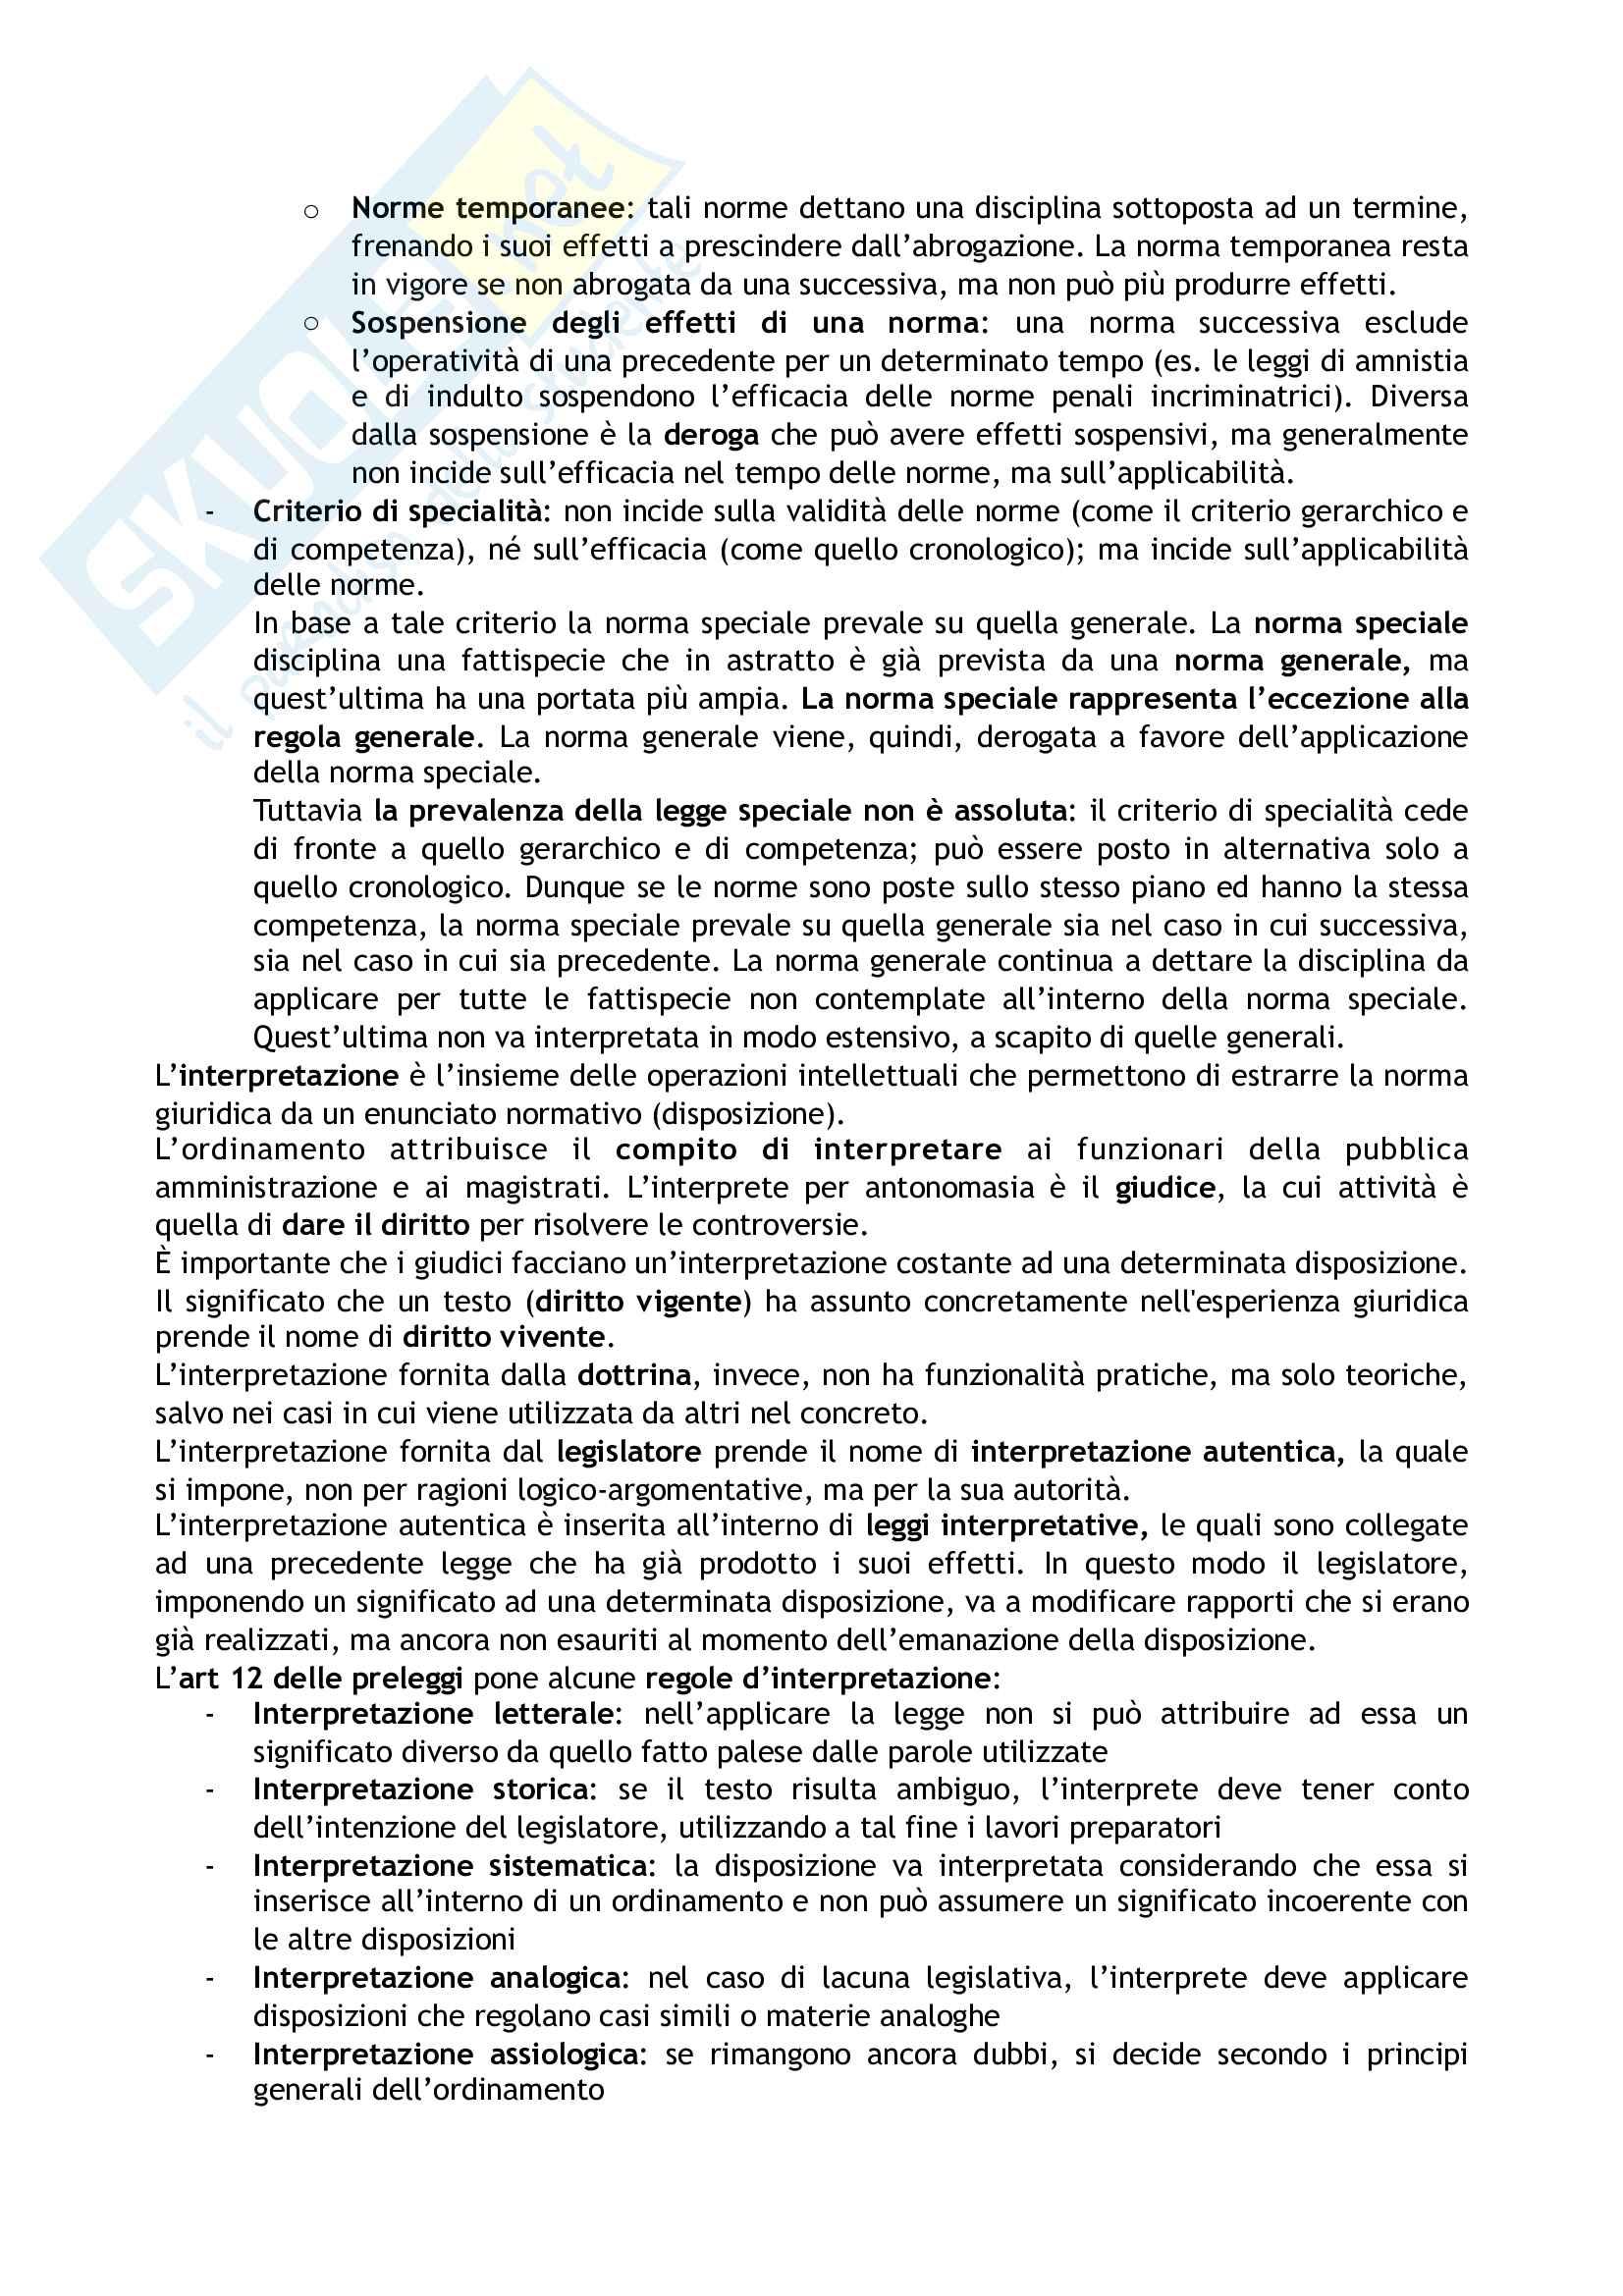 Riassunto esame Diritto costituzionale, prof. Tartaglia Polcini, libro consigliato Manuale di diritto costituzionale italiano ed europeo, Romboli Pag. 6